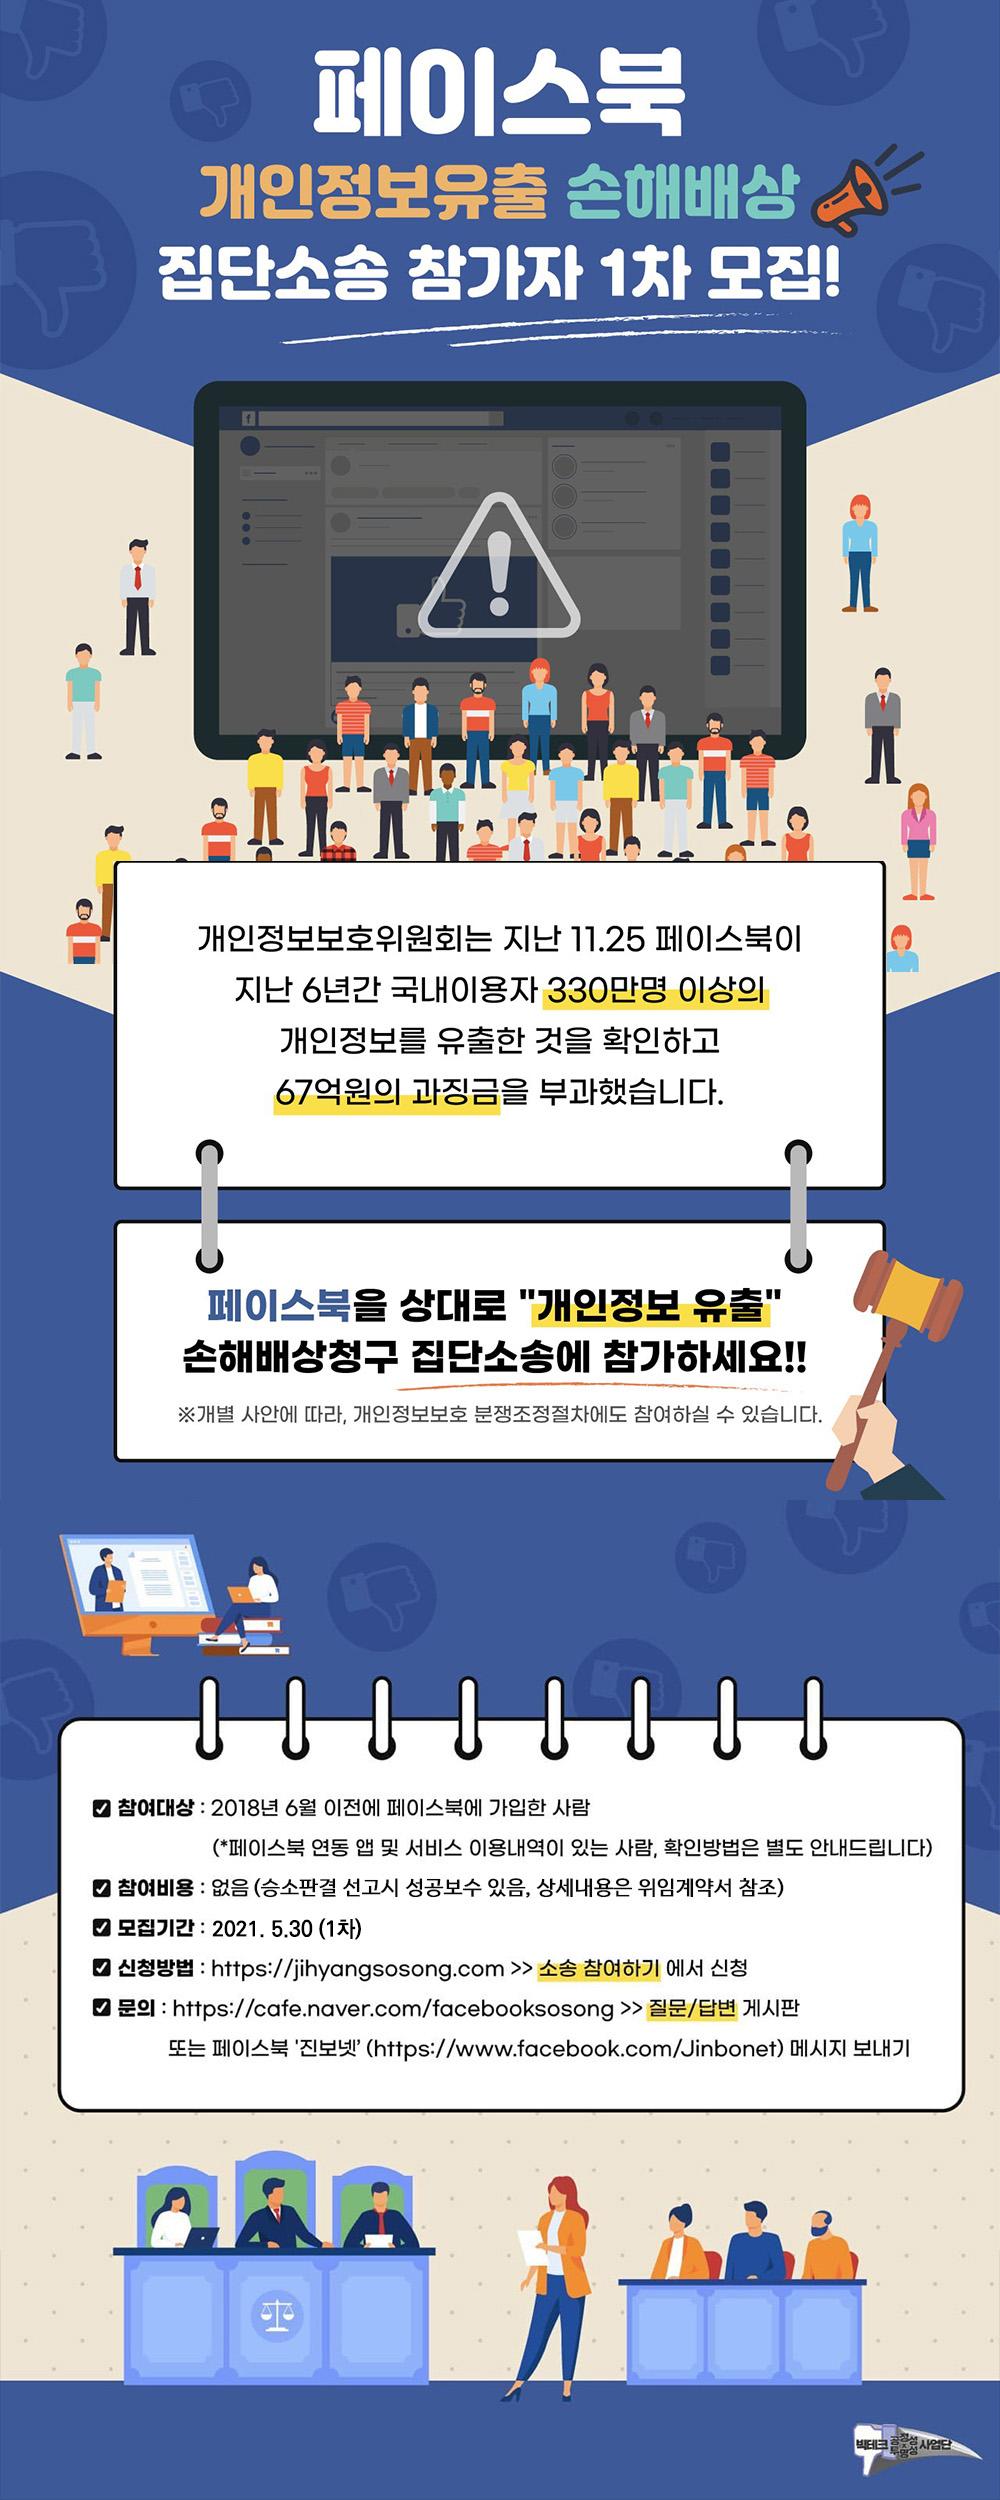 페이스북 개인정보 유출소송 참여자 모집 포스터. 상세한 내용은 이미지 밑의 텍스트에 적혀있음.